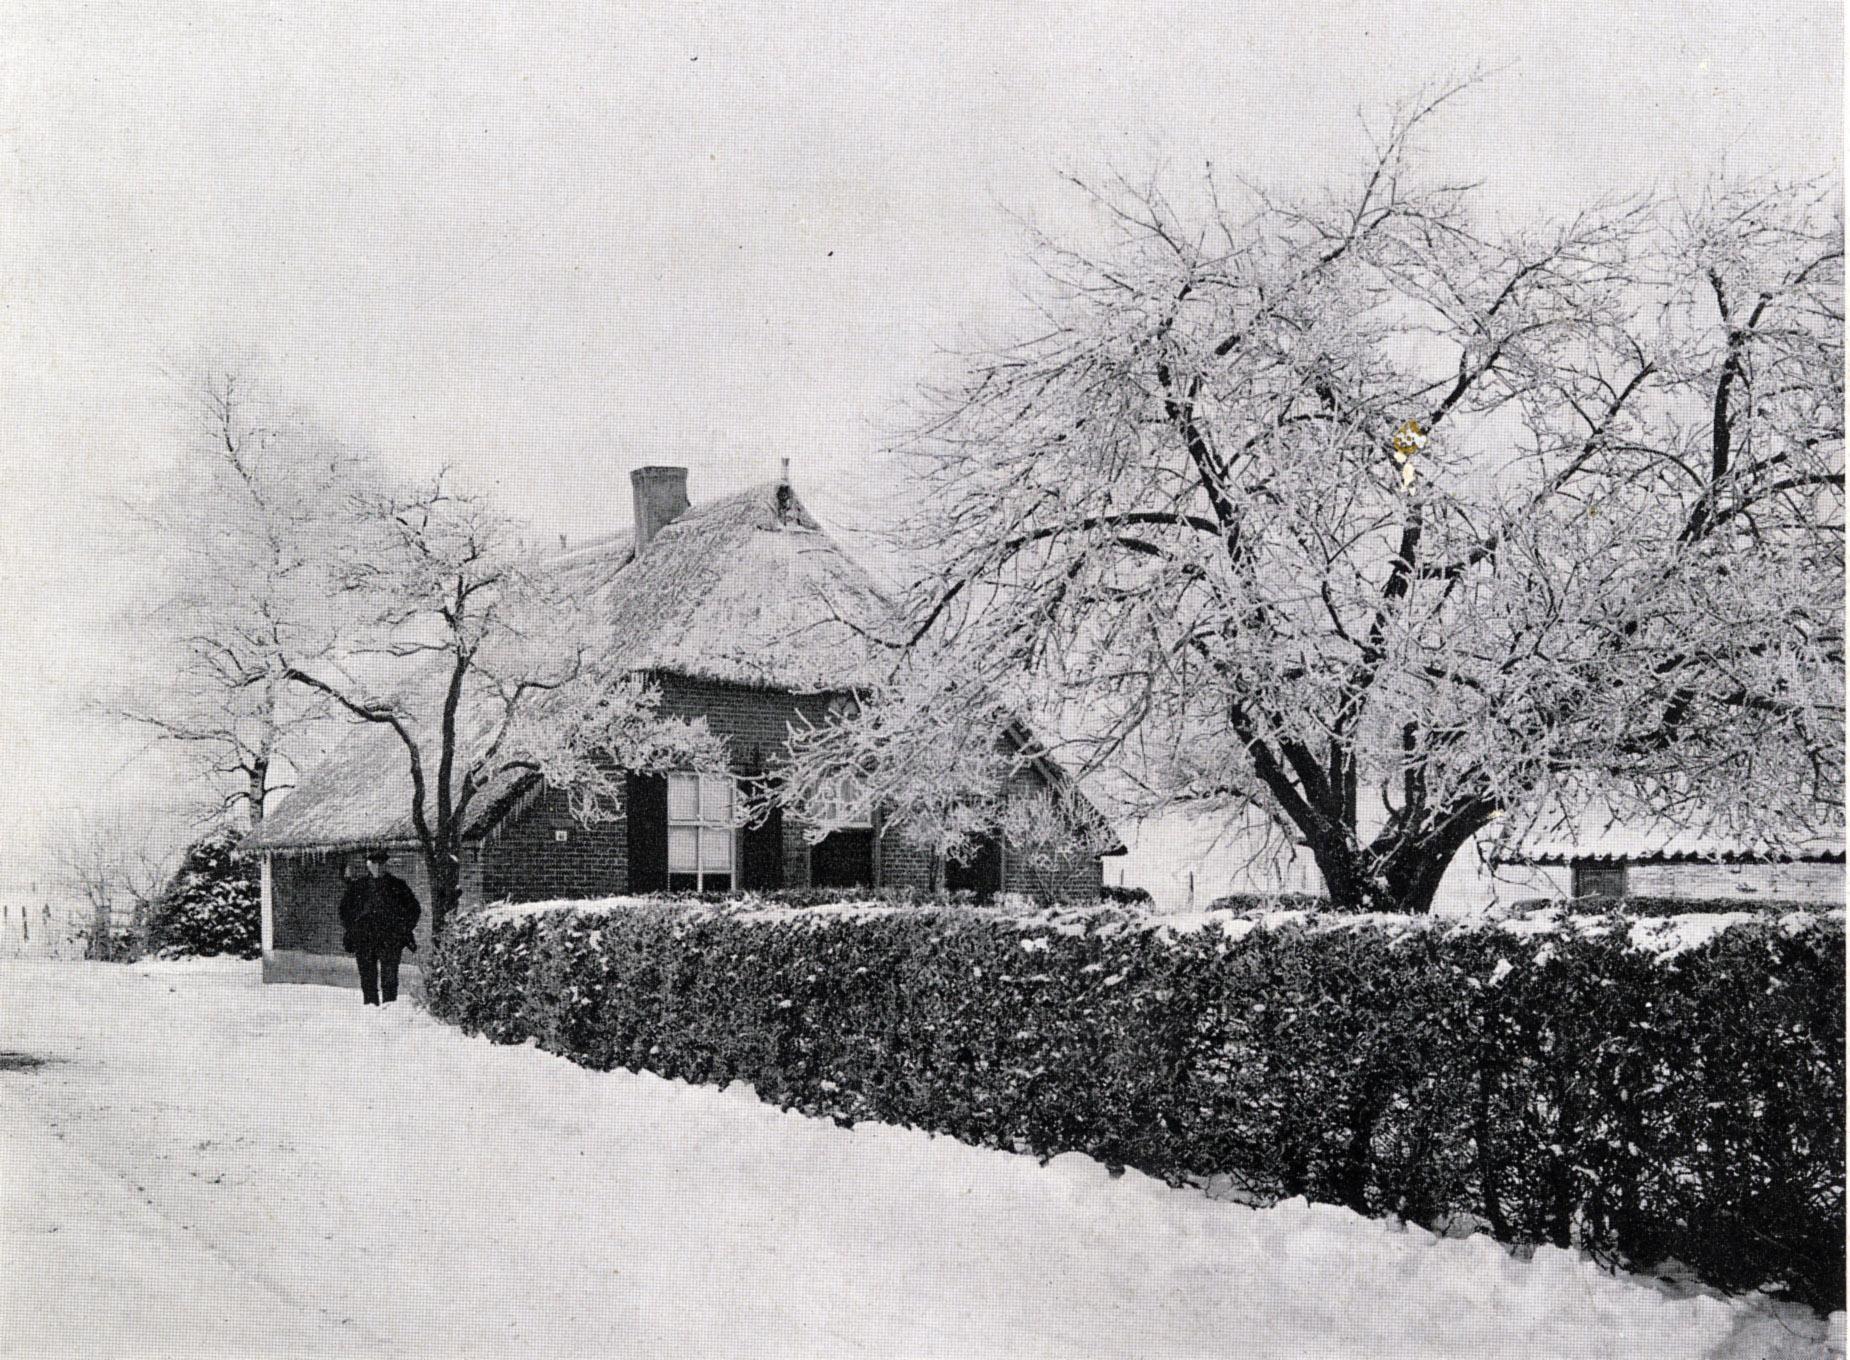 Boerderijtje in winter - Foto: ©Jac. Gazenbeek